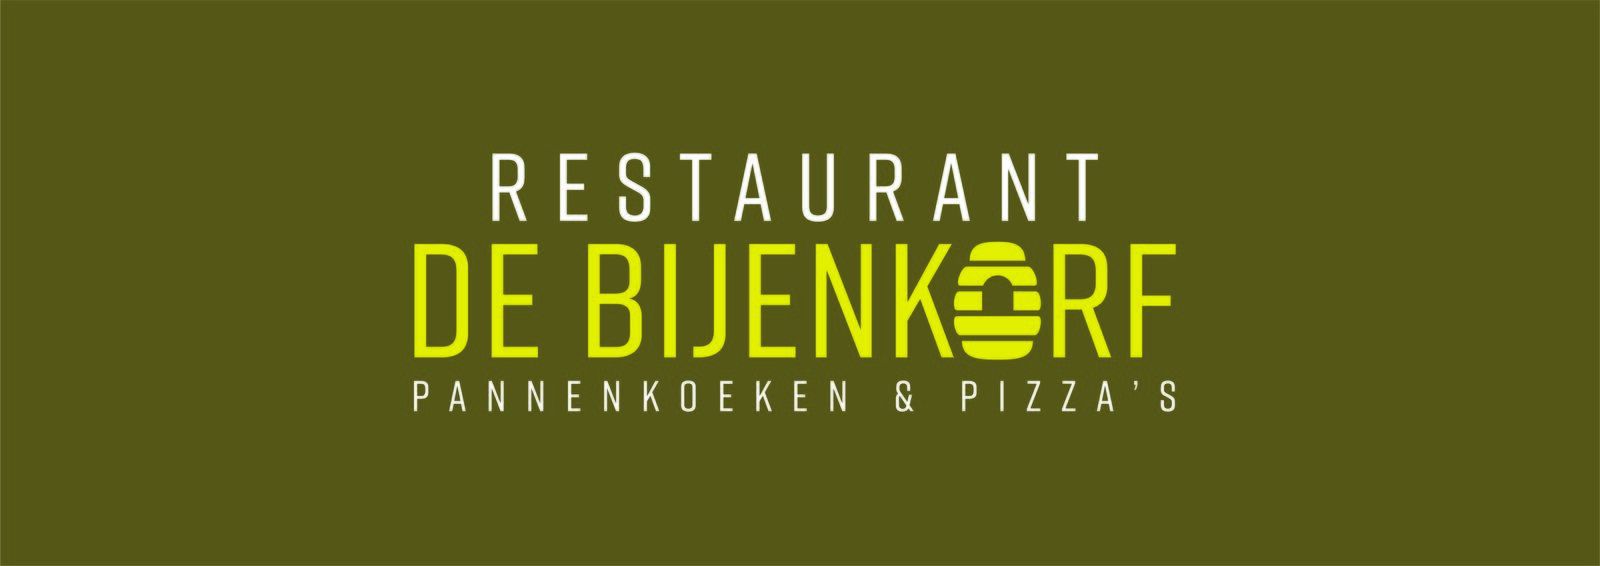 Restaurant De Bijenkorf